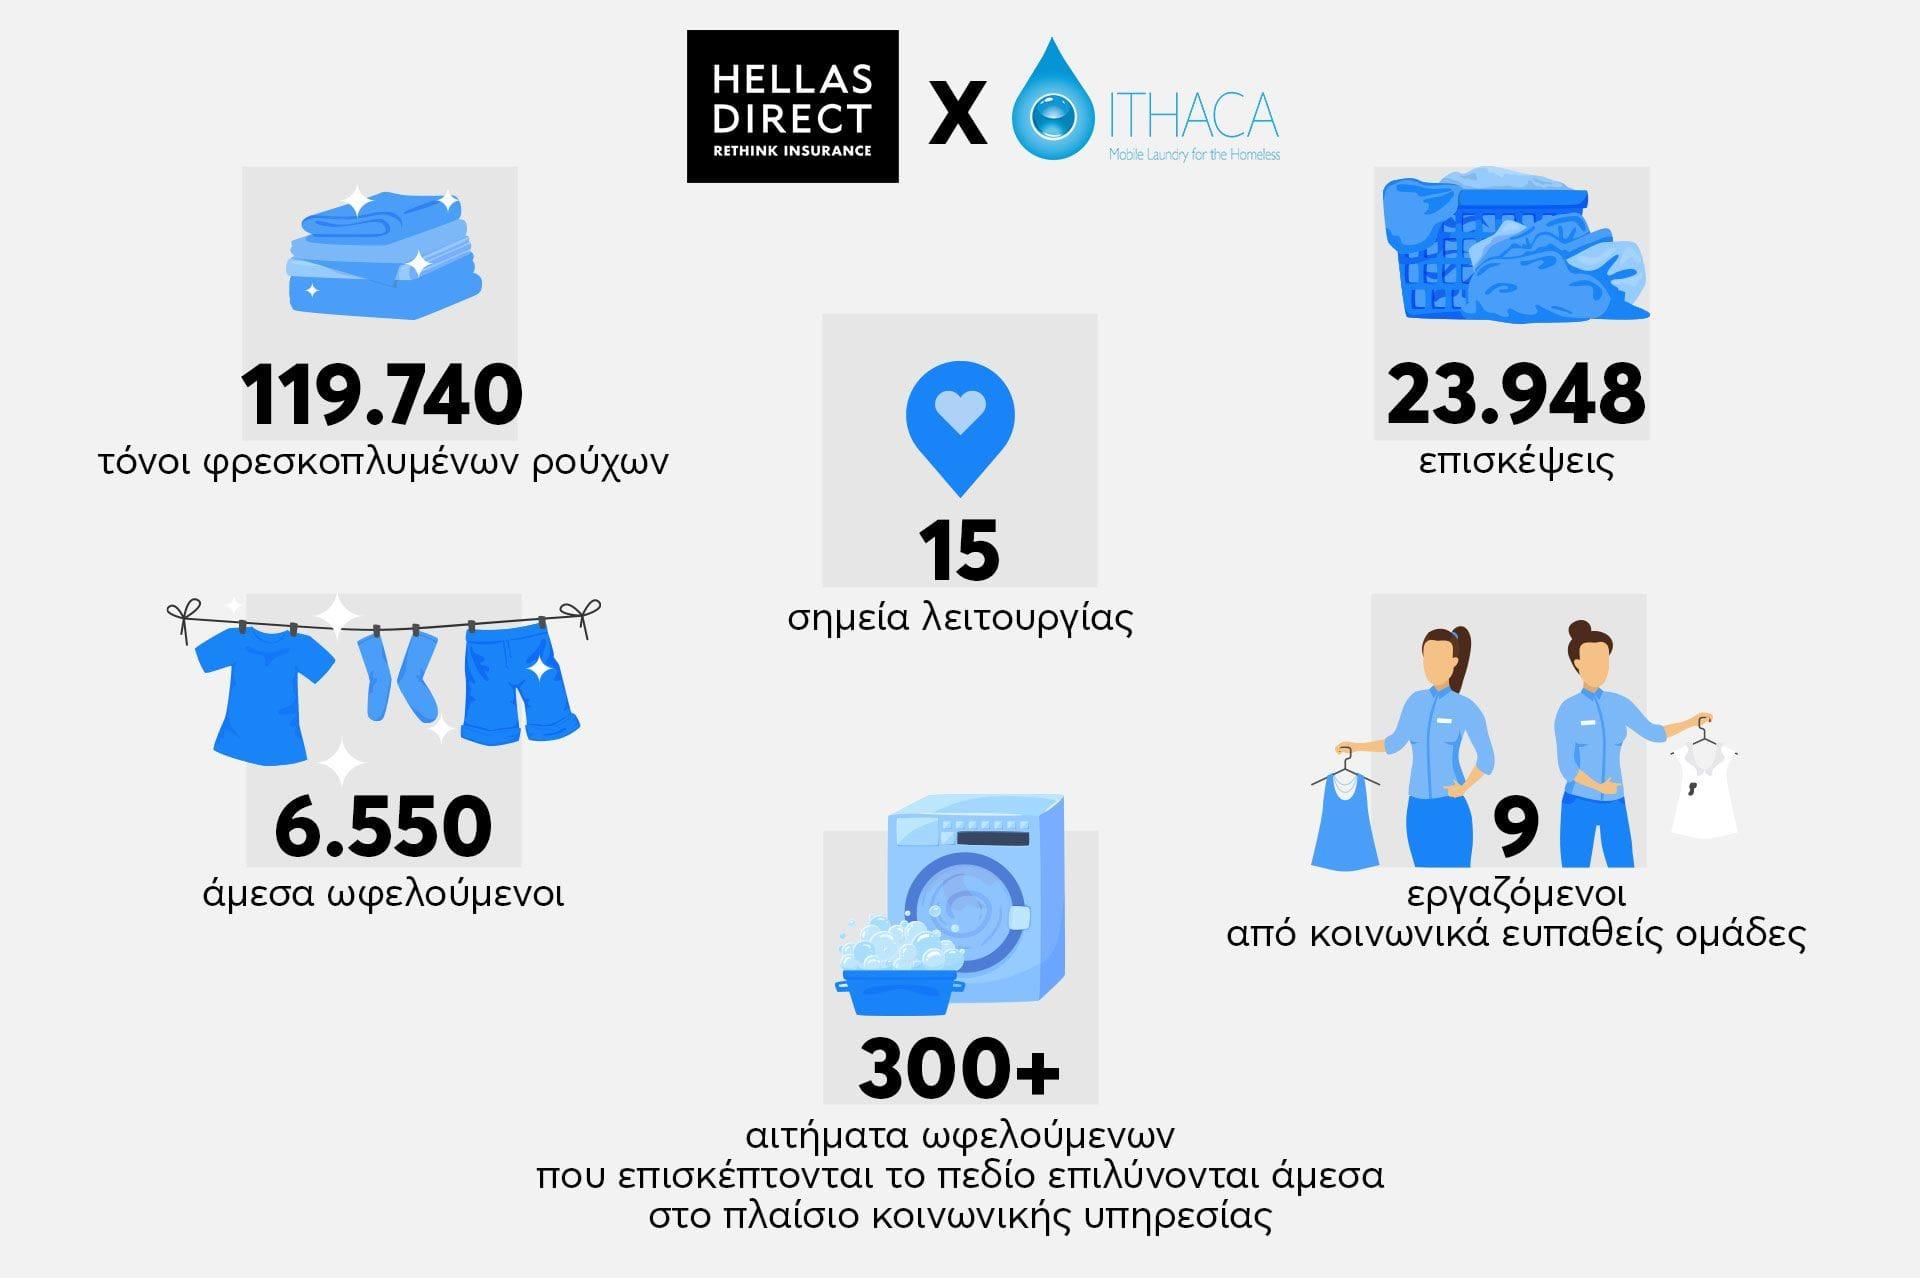 σχεδιάγραμμα με αναλυτικούς αριθμούς από το συνολικό έργο της Ithaca Laundry